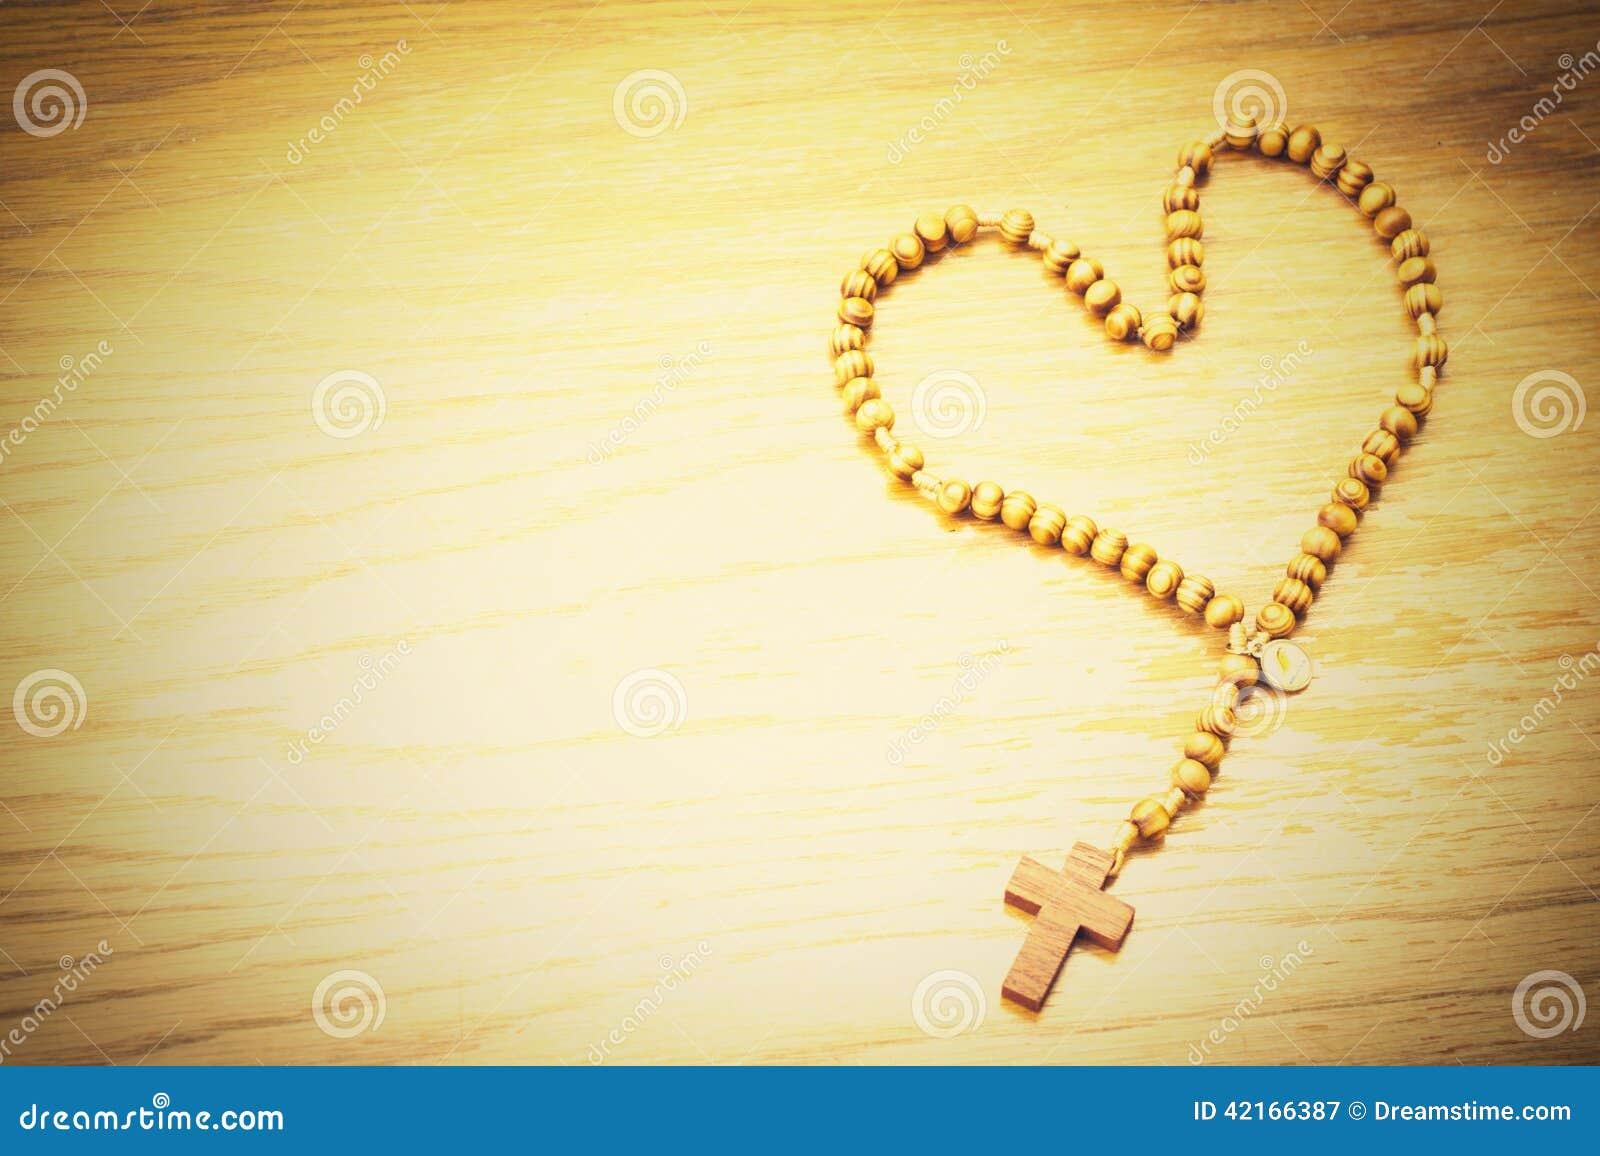 Rosario en un fondo de madera 1 imagen de archivo imagen for Aberturas de madera en rosario precios